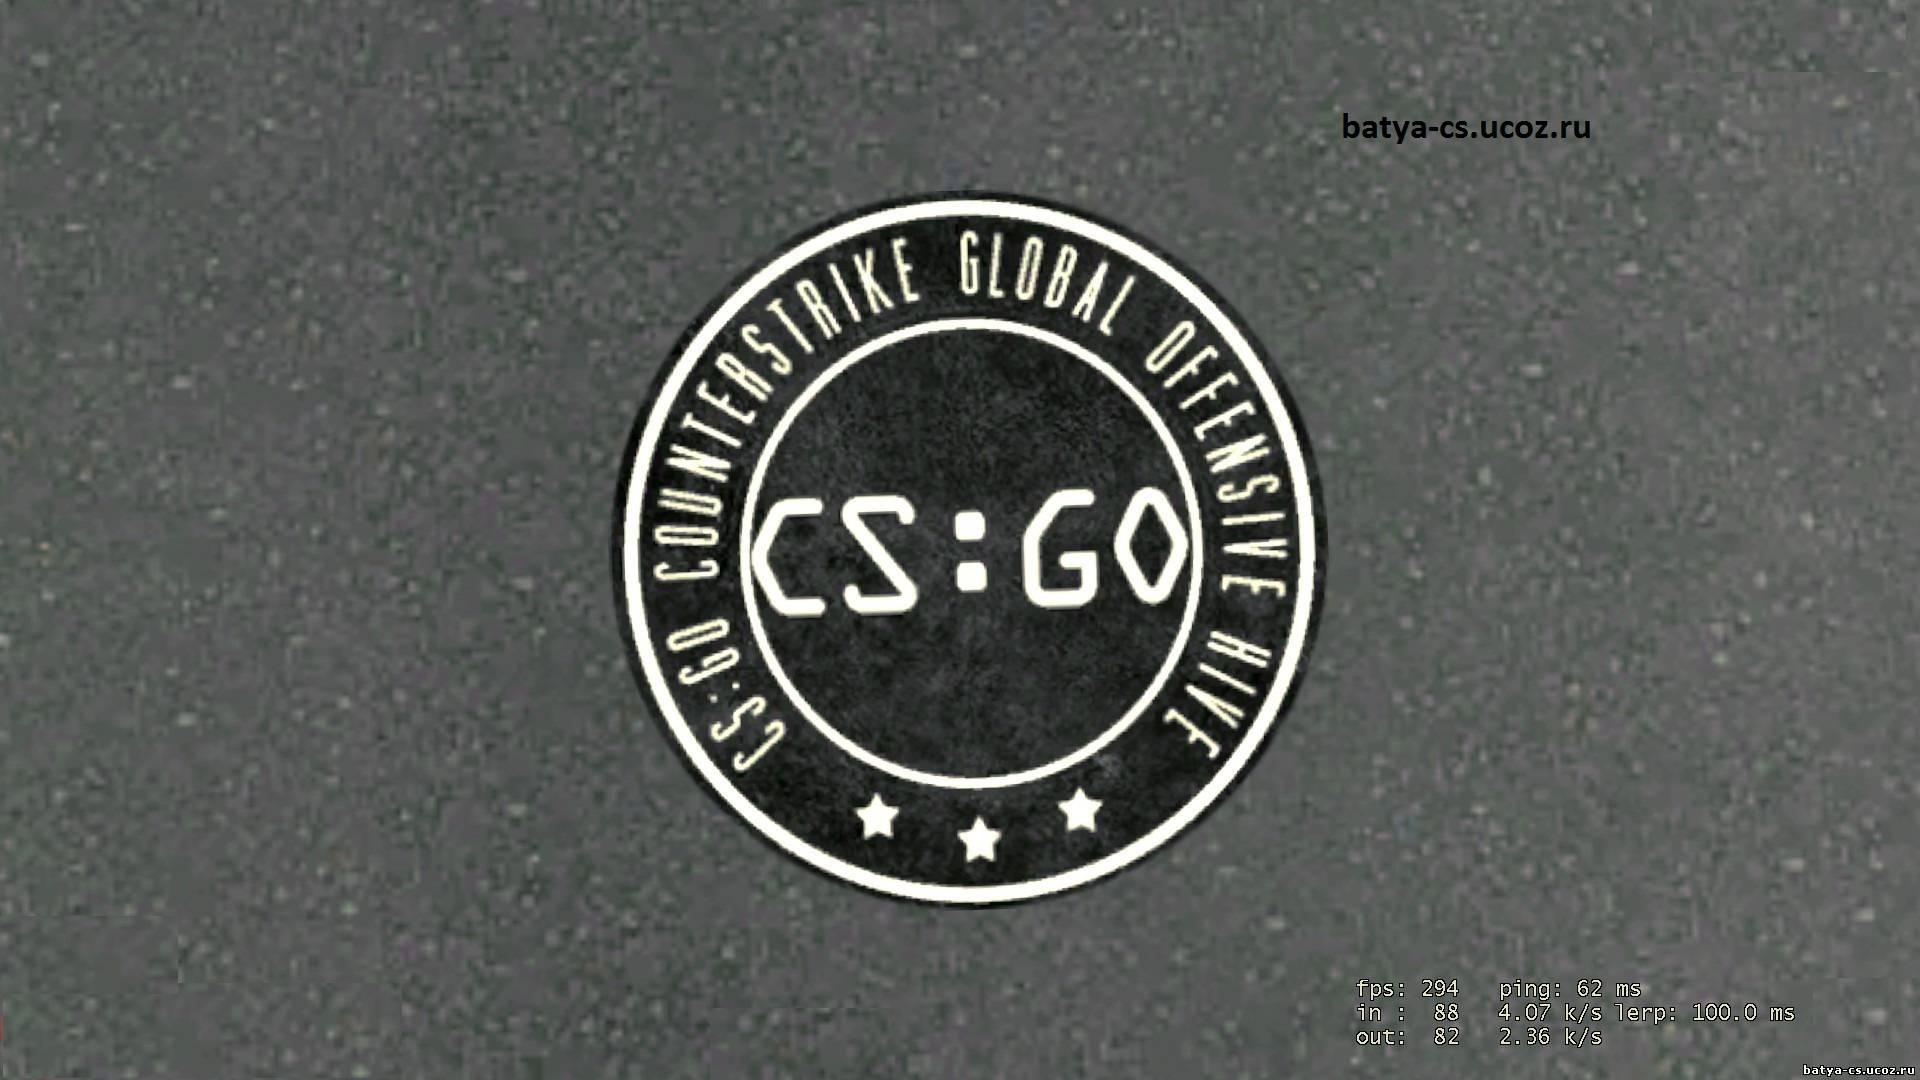 Как установить лого в ксс, бесплатные ...: pictures11.ru/kak-ustanovit-logo-v-kss.html